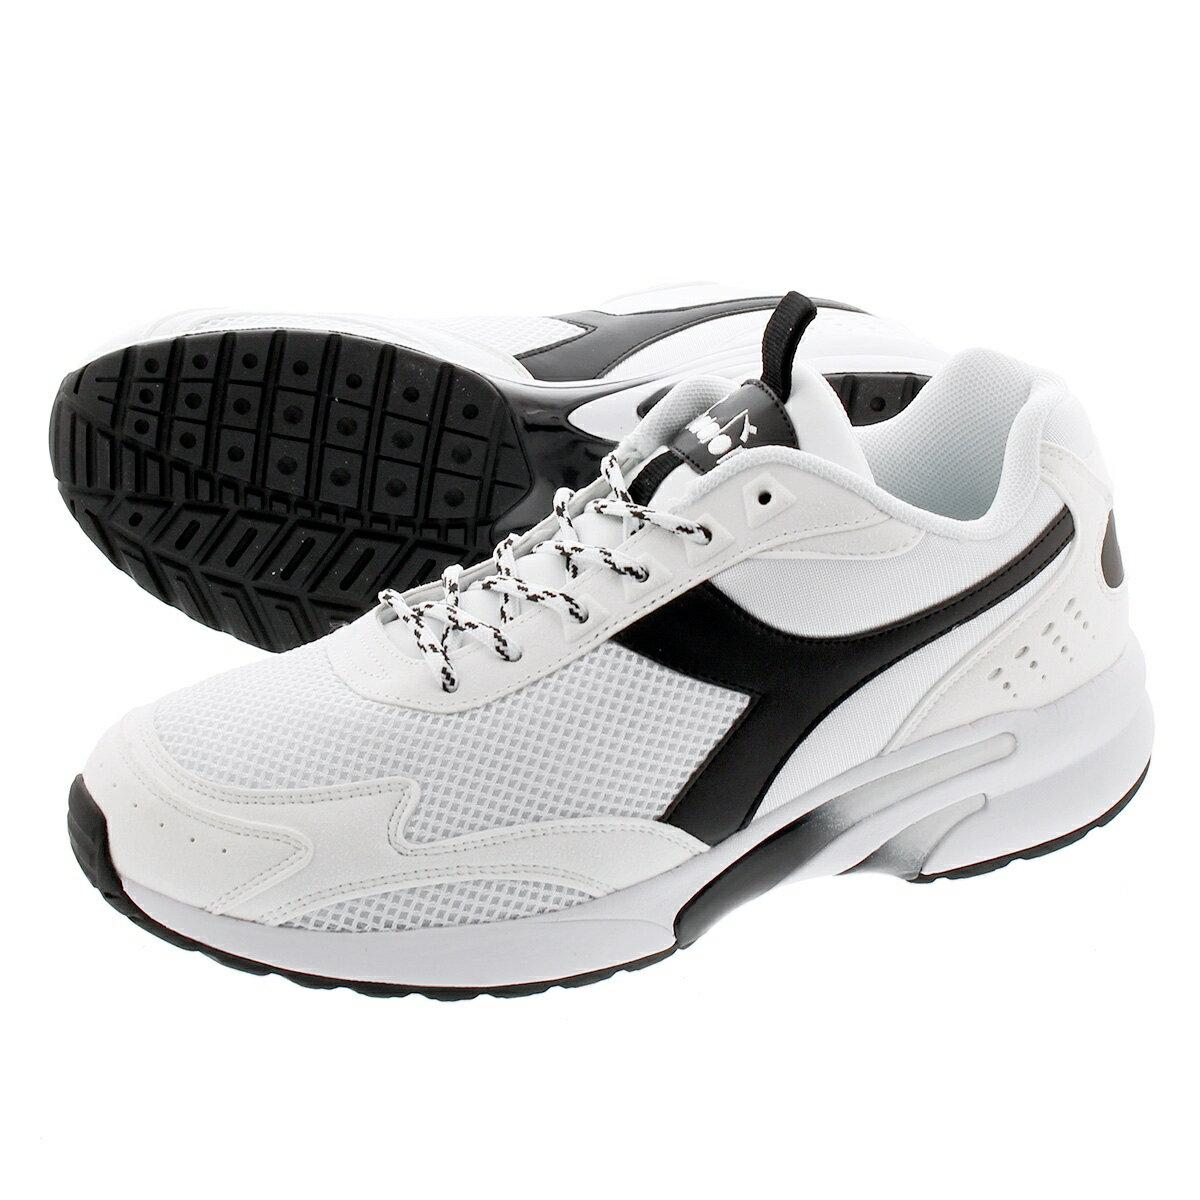 メンズ靴, スニーカー DIADORA DISTANCE 280 280 OPTICAL WHITEBLACK 175099-c0013